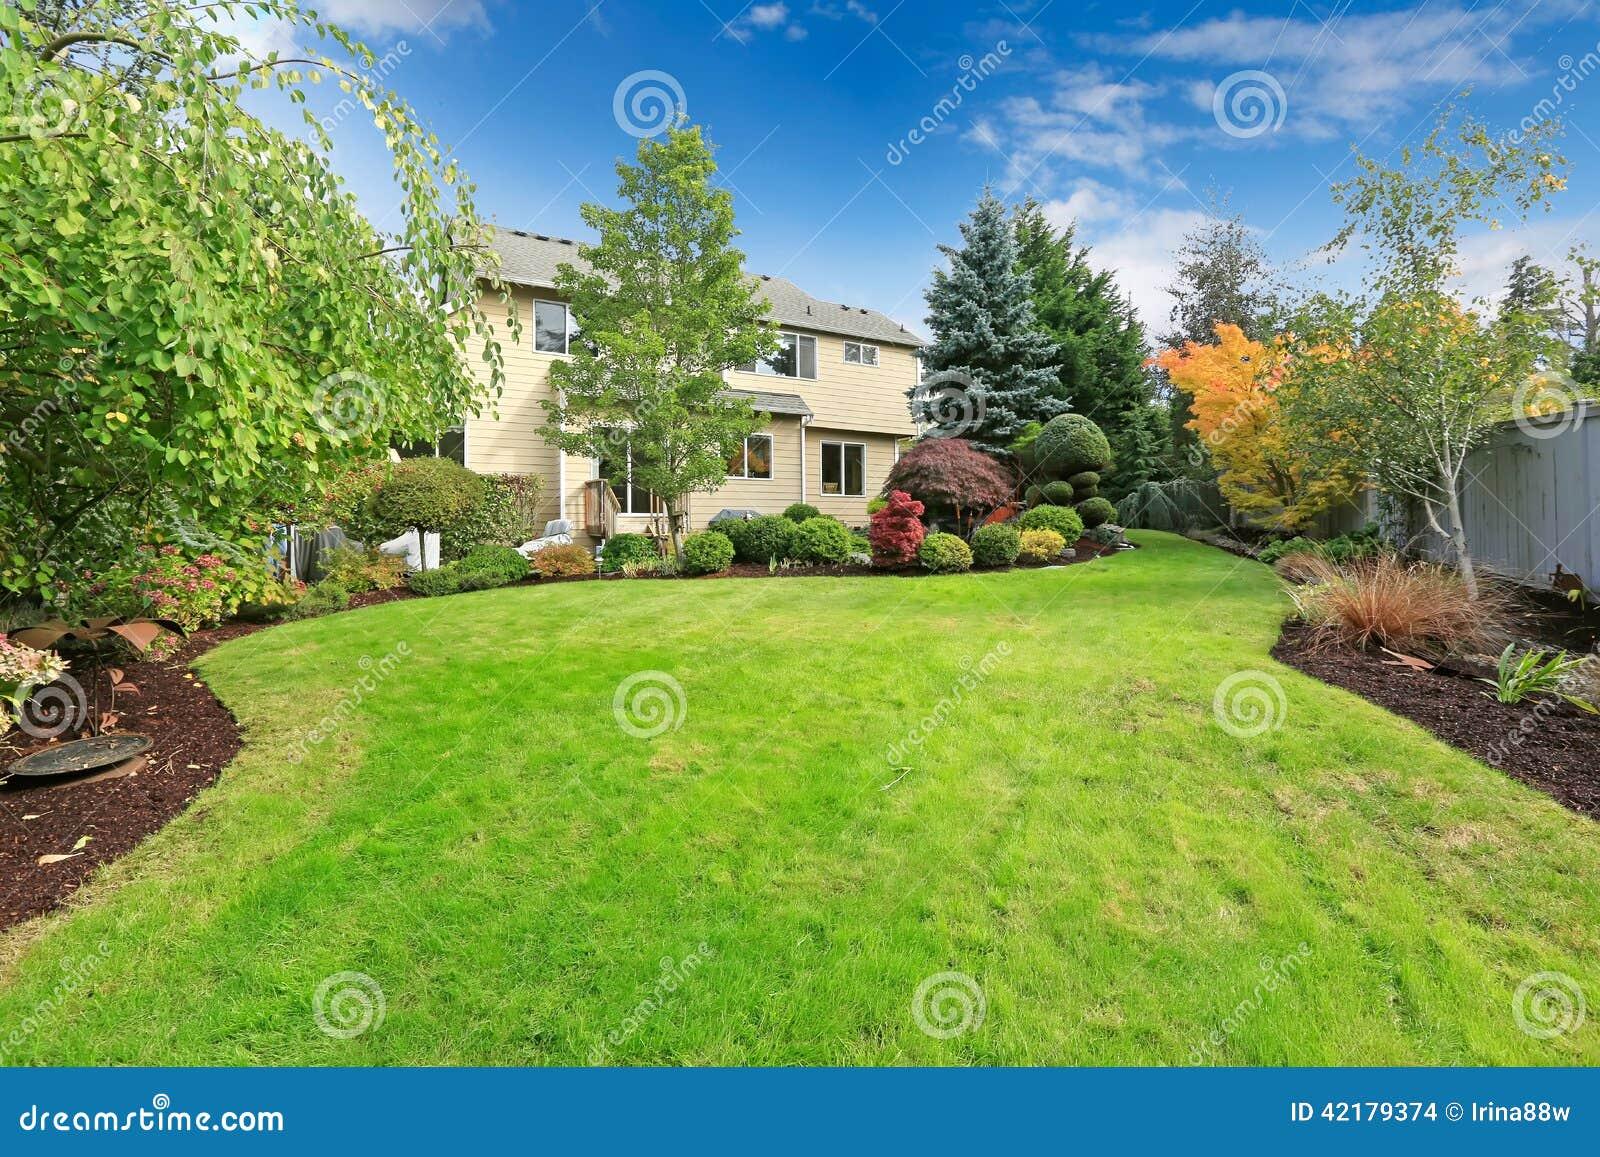 Casa con el jard n y el c sped tropicales del patio for Casas diseno jardines tropicales